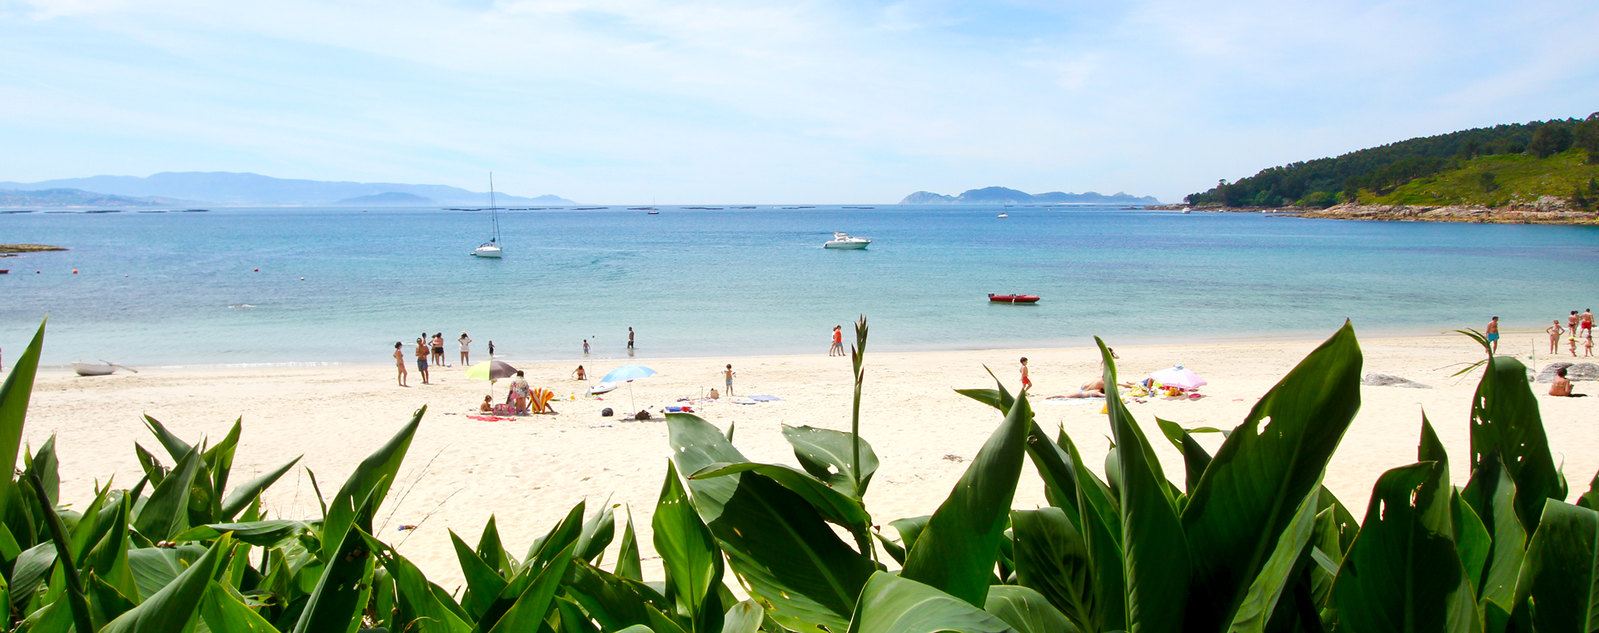 Praia de Santa Marta en Cangas do Morrazo